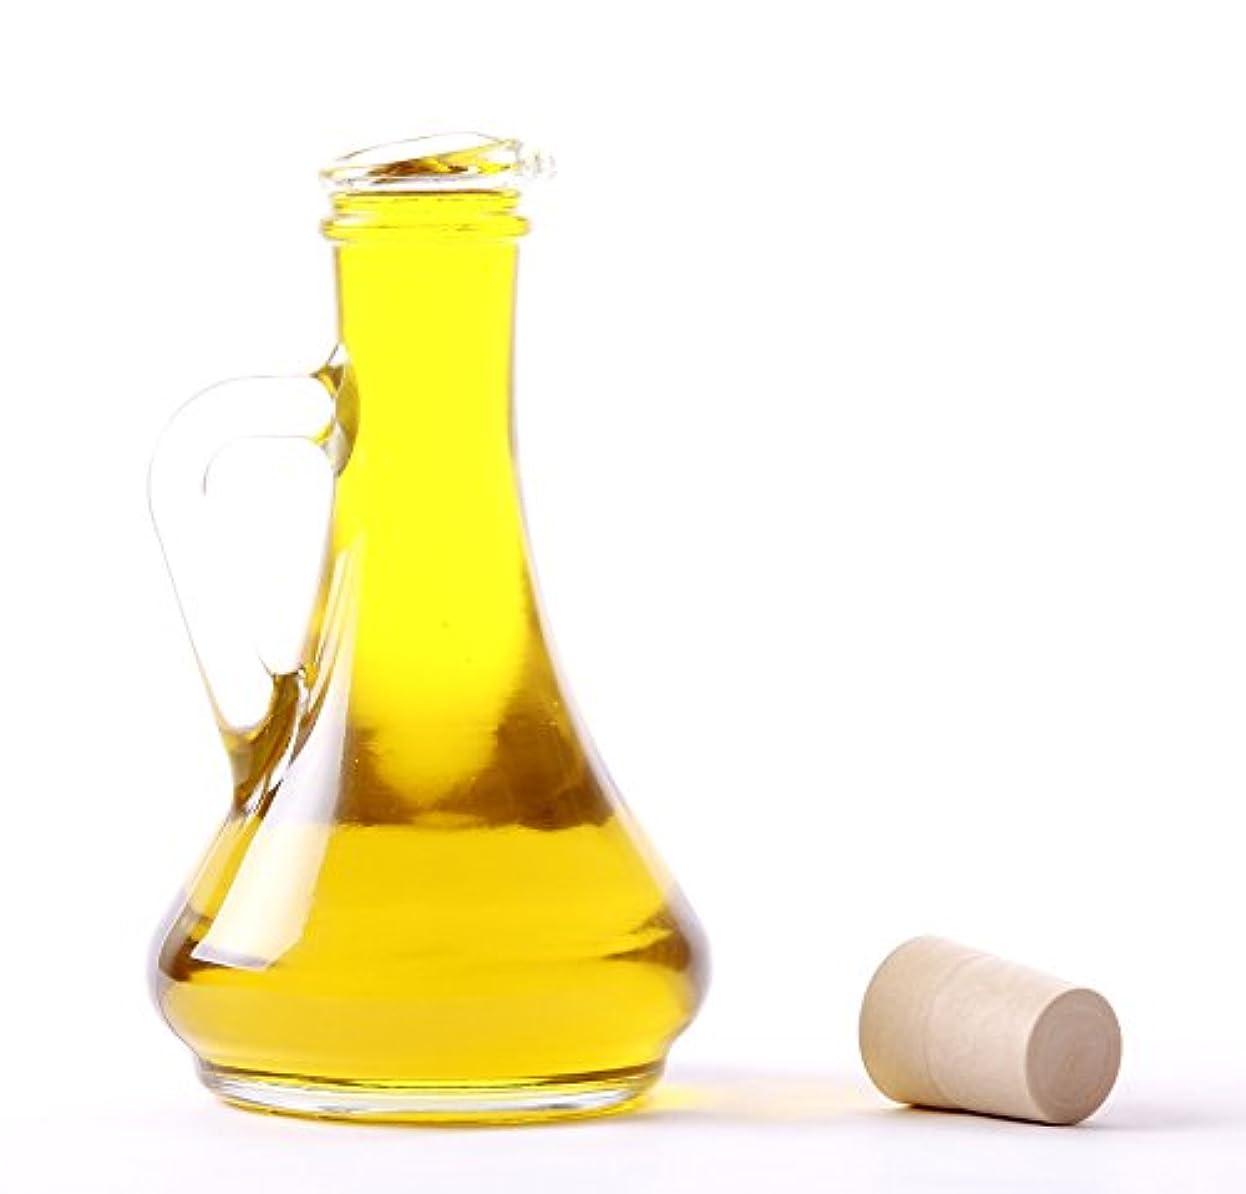 付添人伝導ランチョンMystic Moments   Olive Oil Extra Virgin Organic Carrier Oil - 5 Litres - 100% Pure